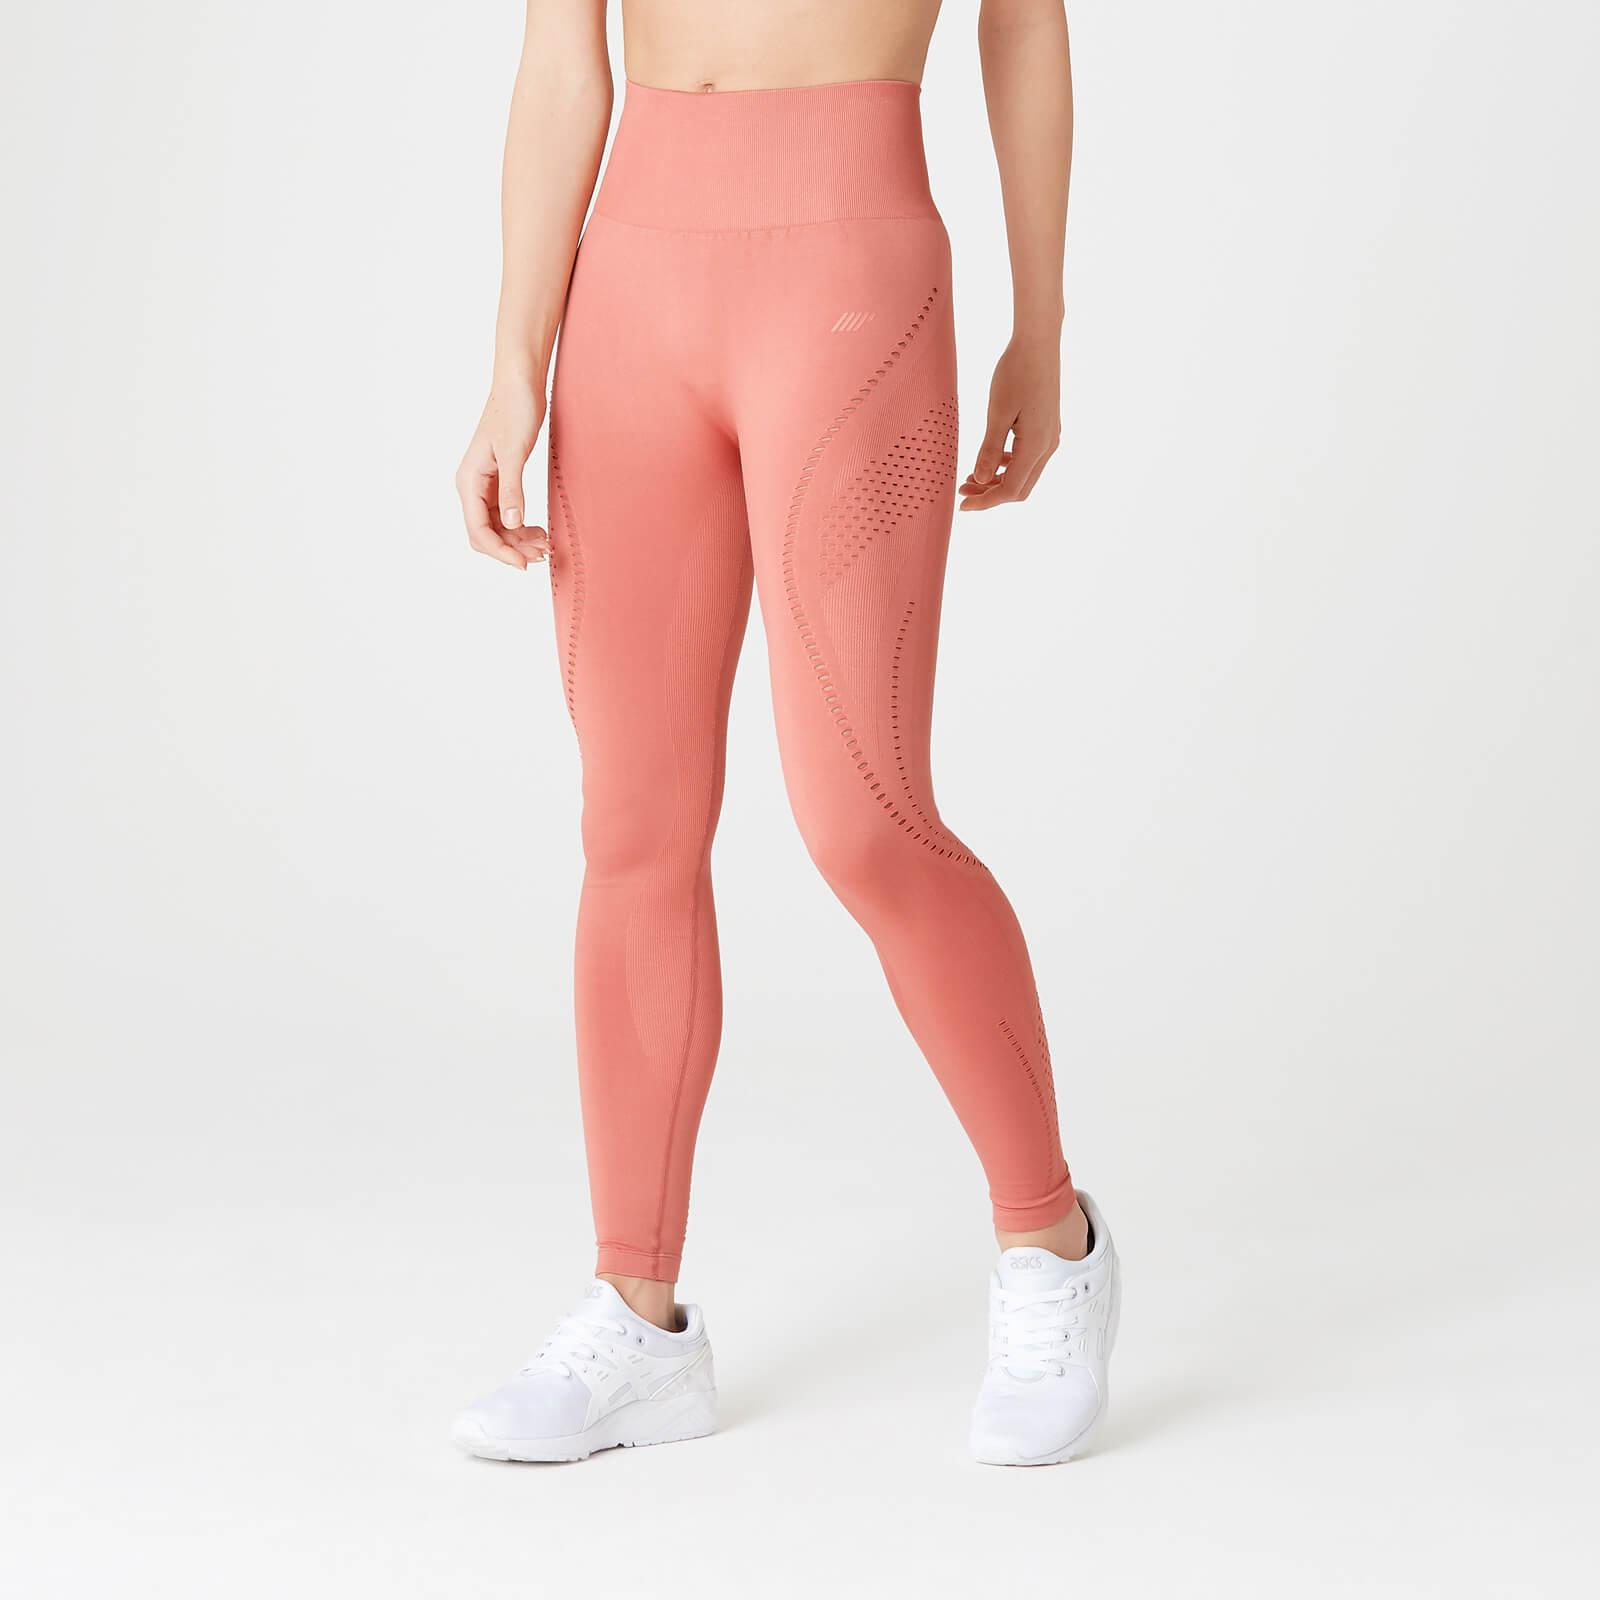 Купить Бесшовные леггинсы Shape Ultra – Розовые - L, Myprotein International